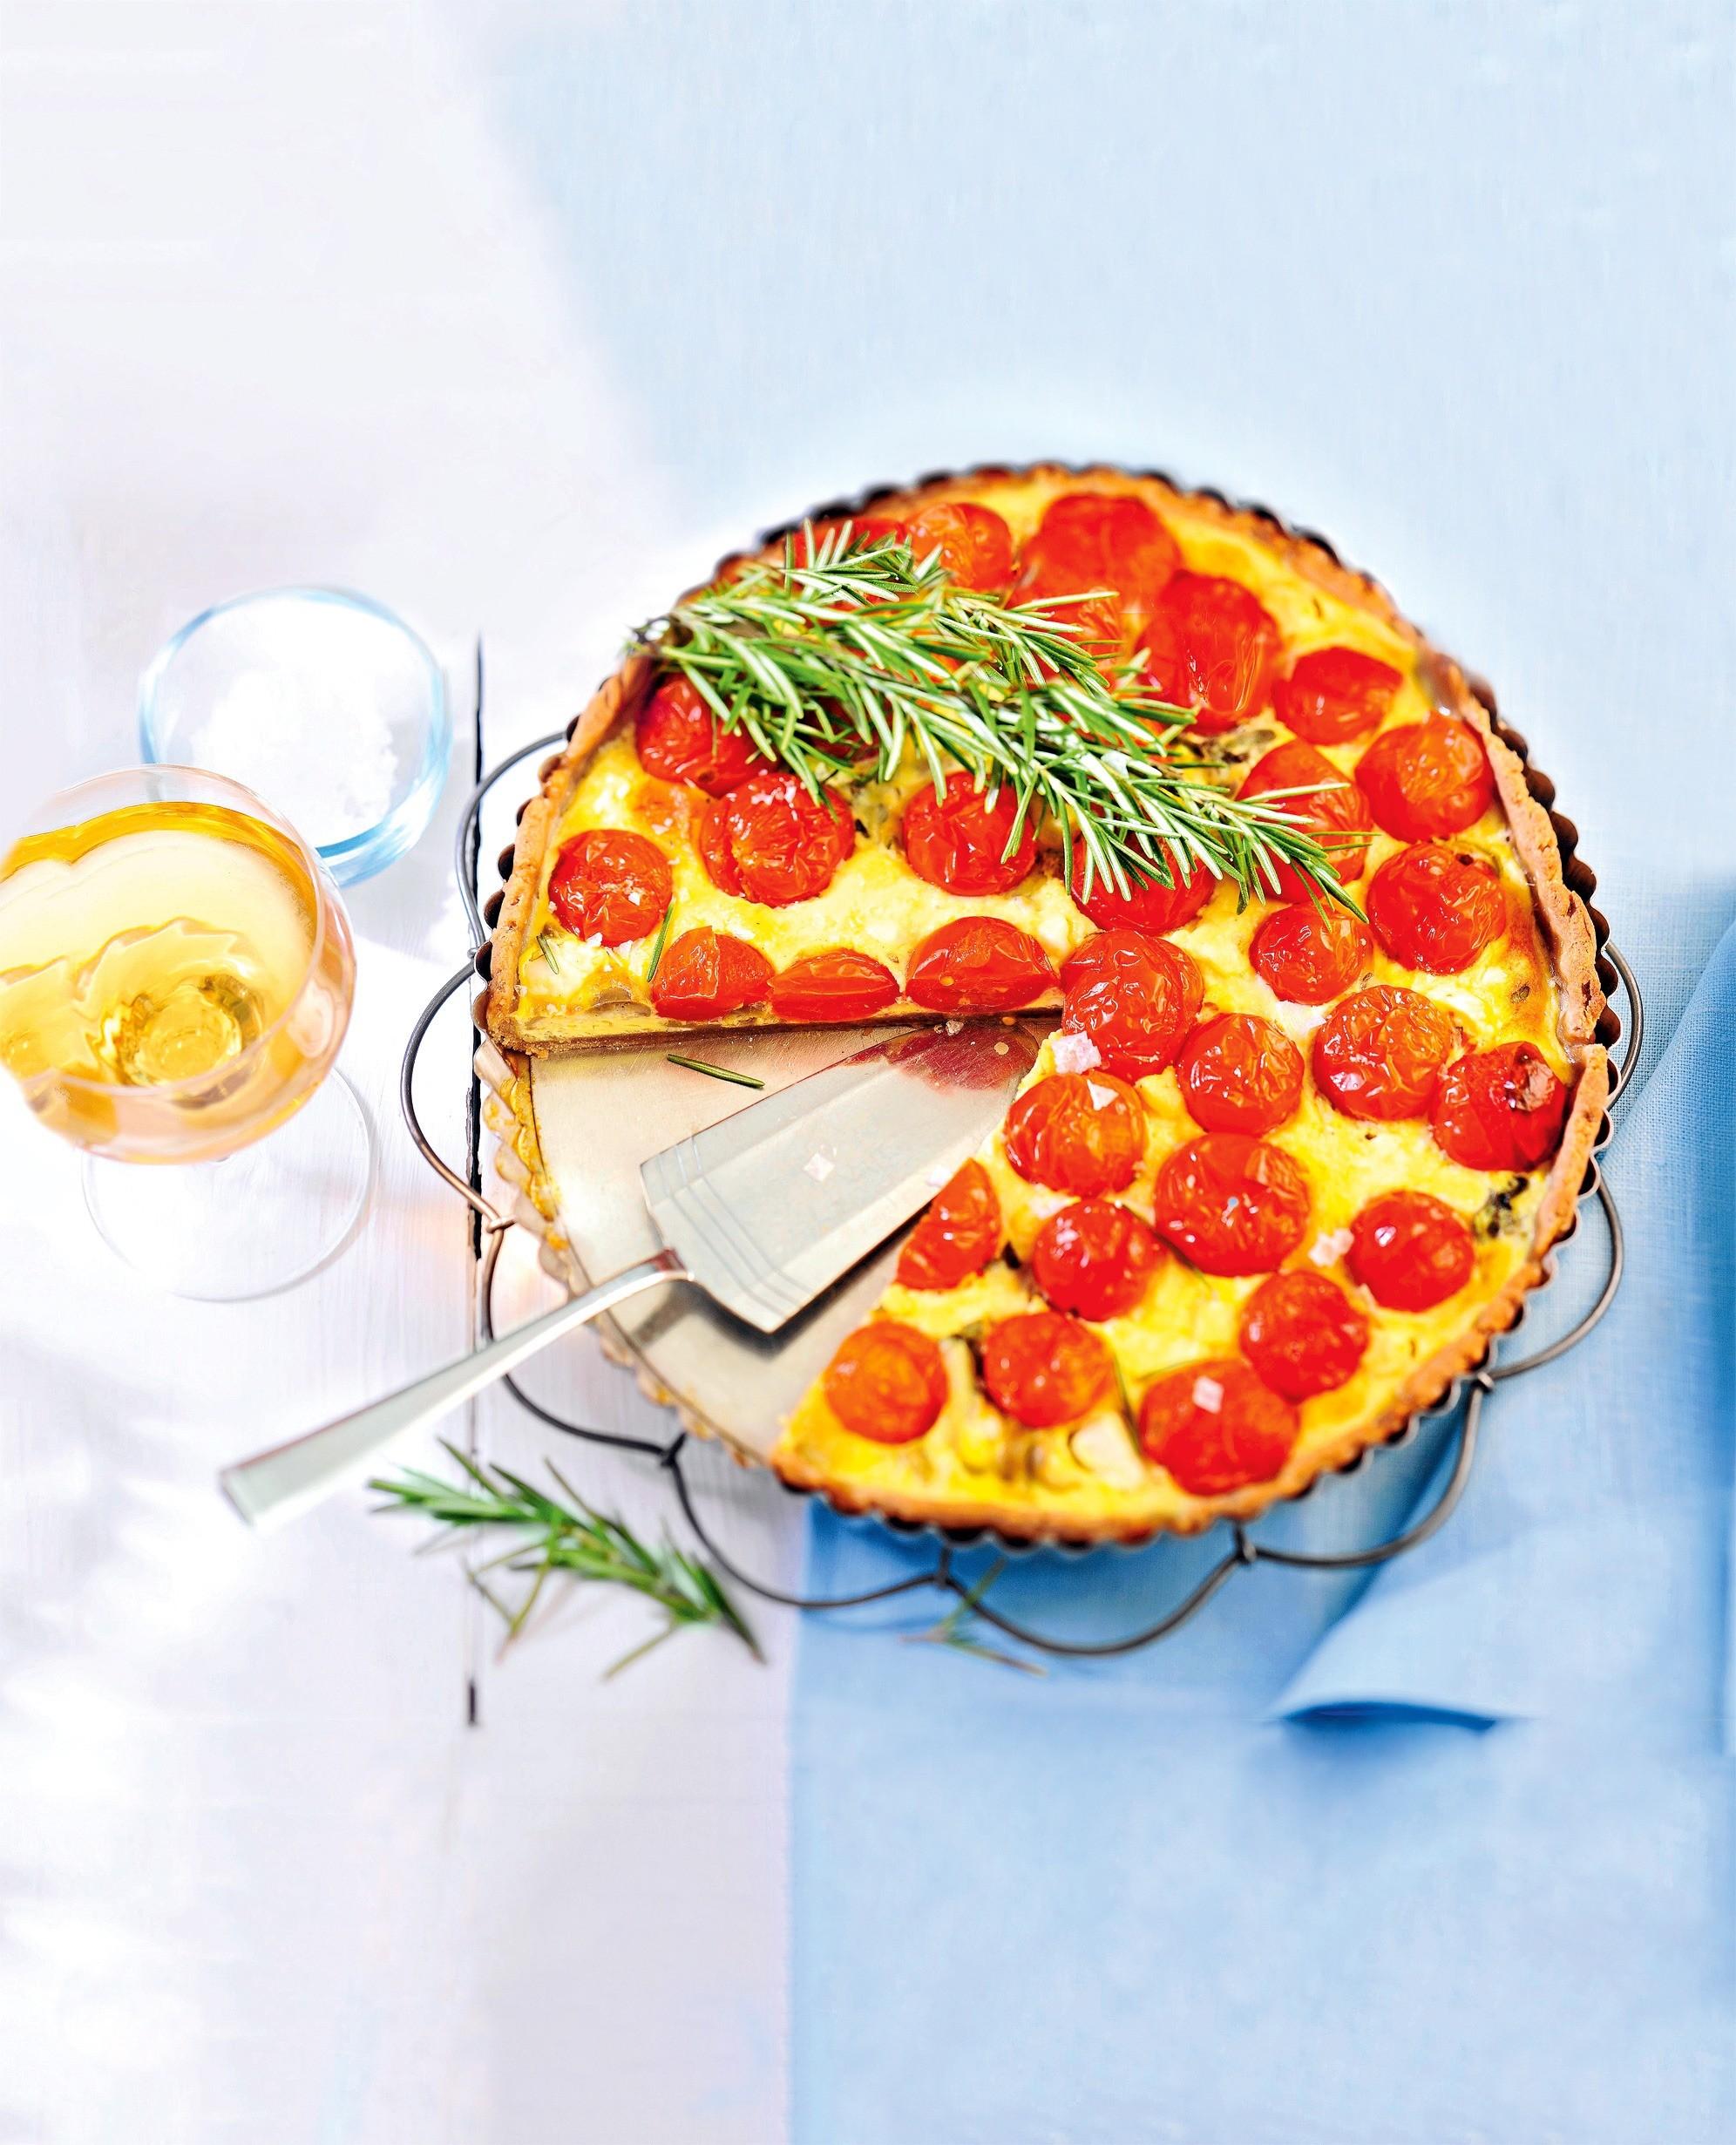 Для тех, кто на диете: рецепт низкокалорийной пиццы